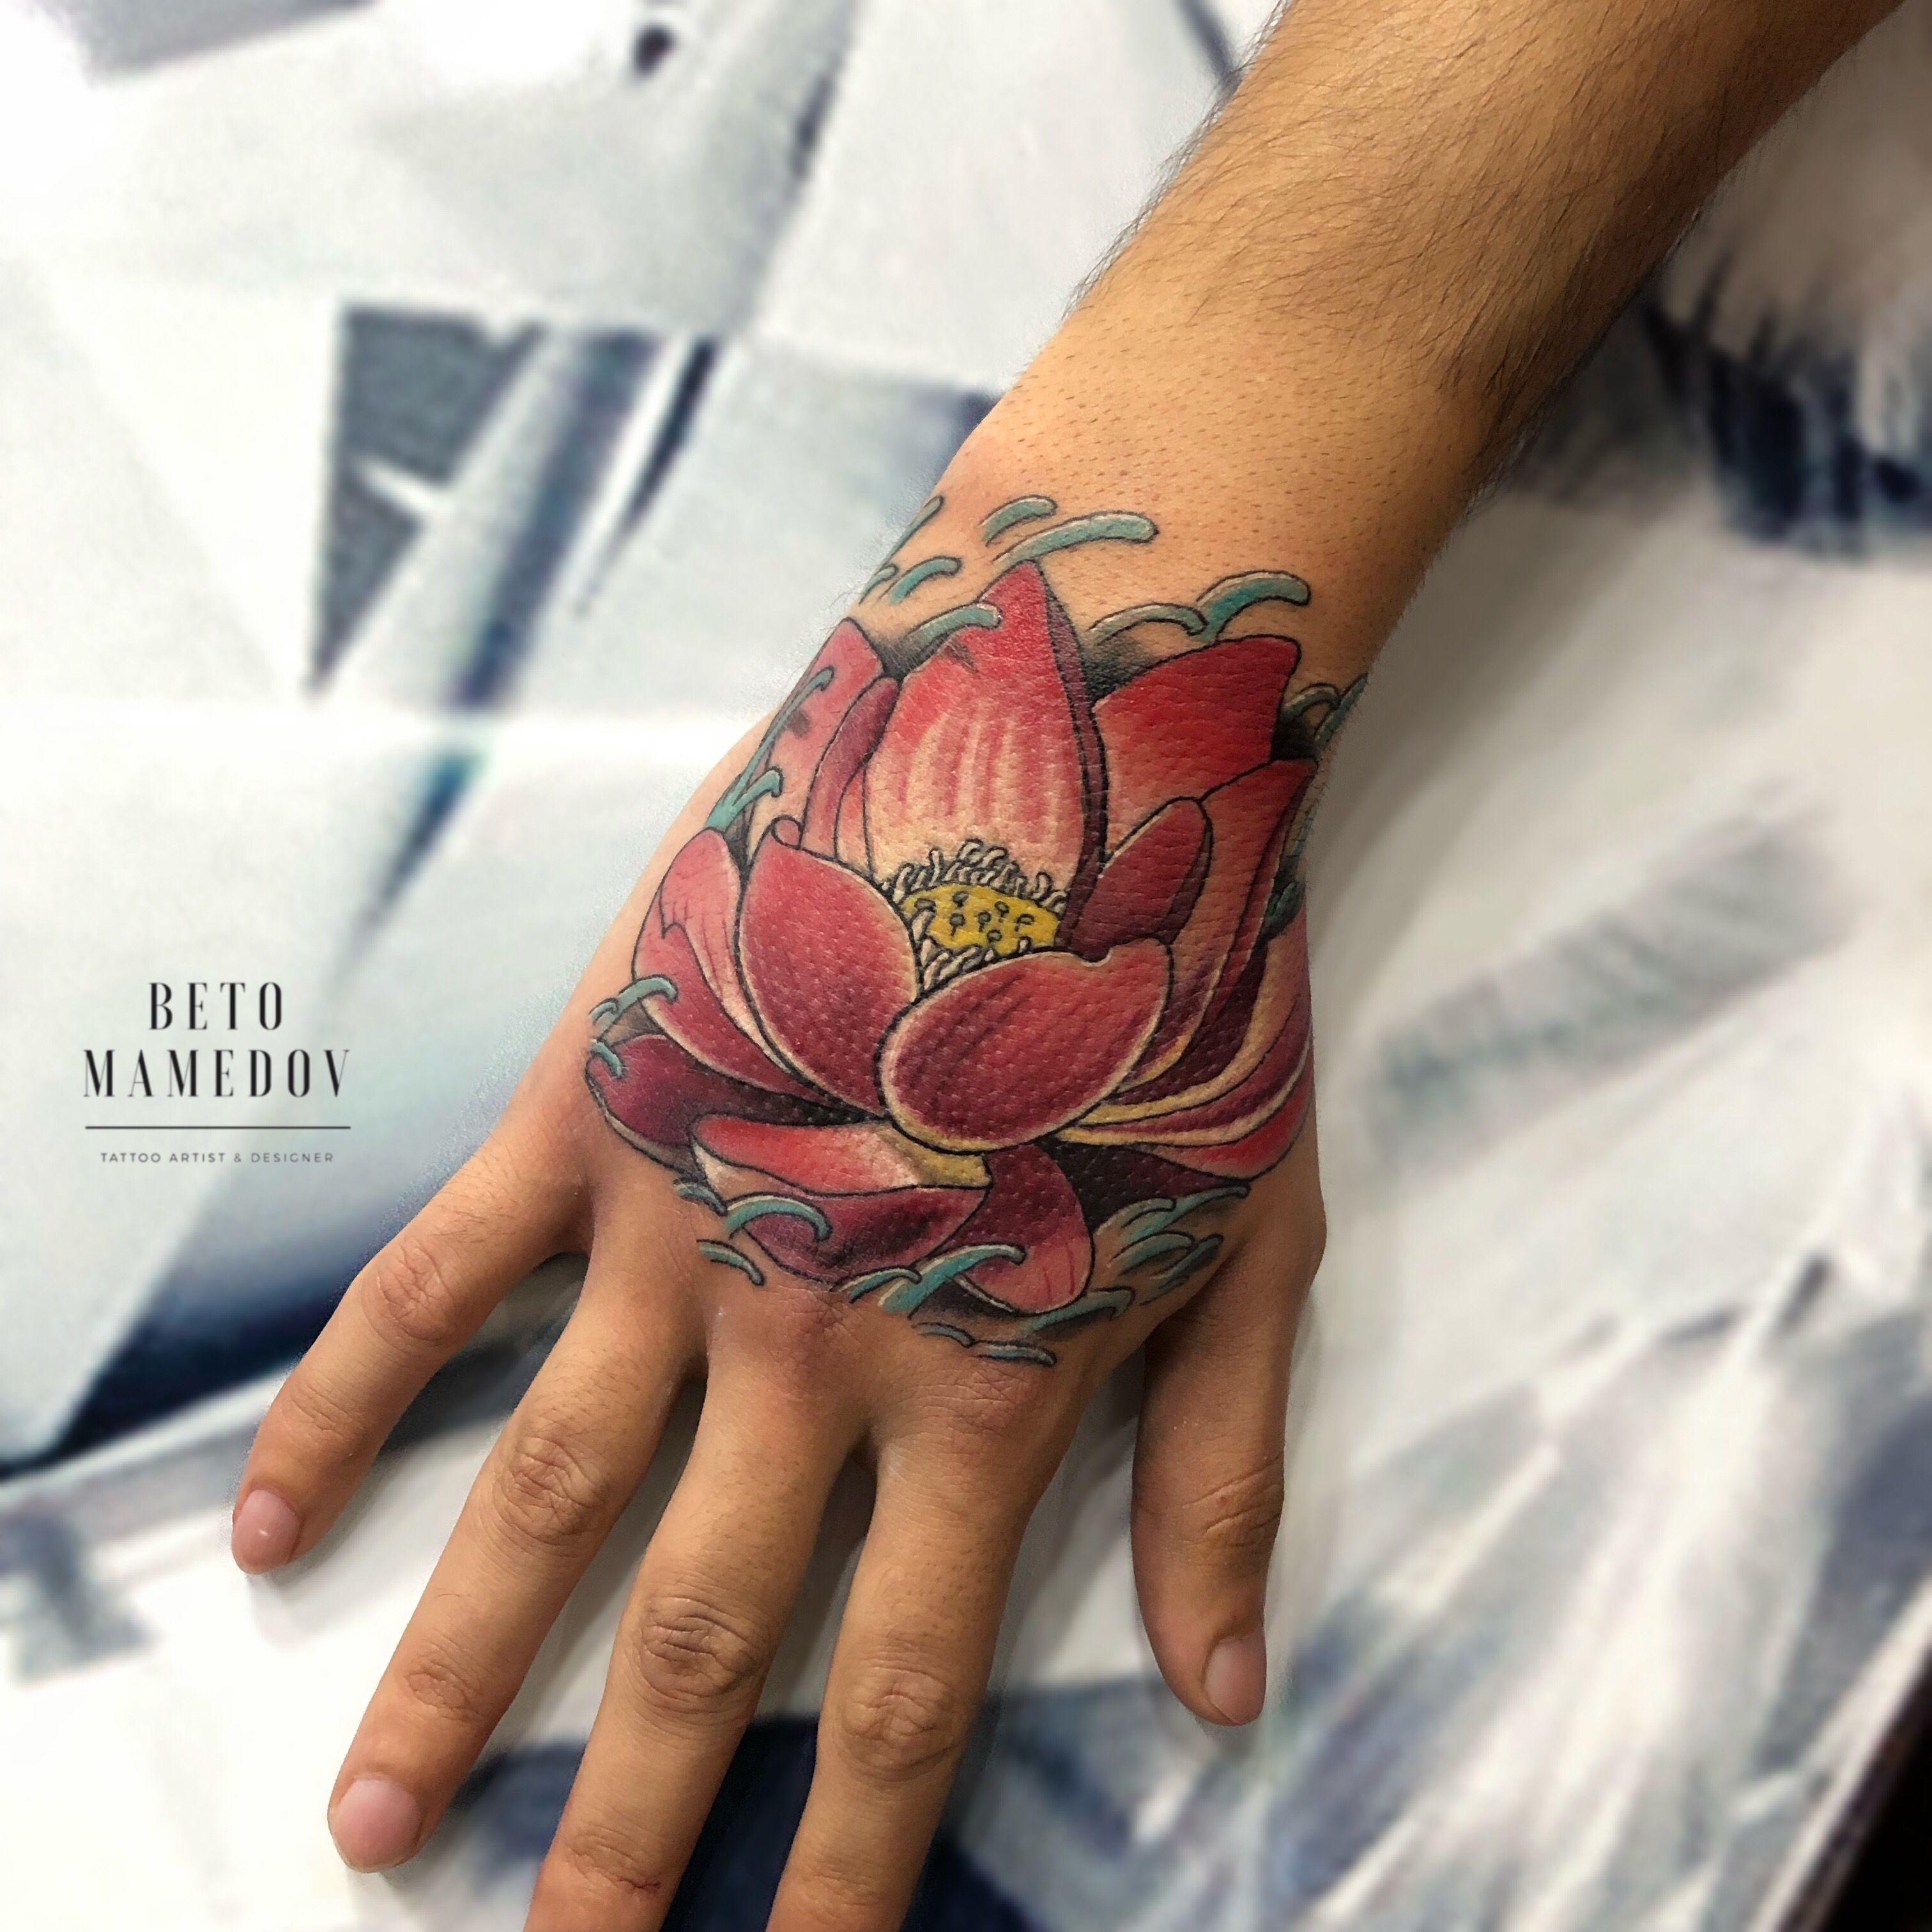 Lotus Tattoo Beto Mamedov Cuff Tattoo Lotus Tattoo Tattoos